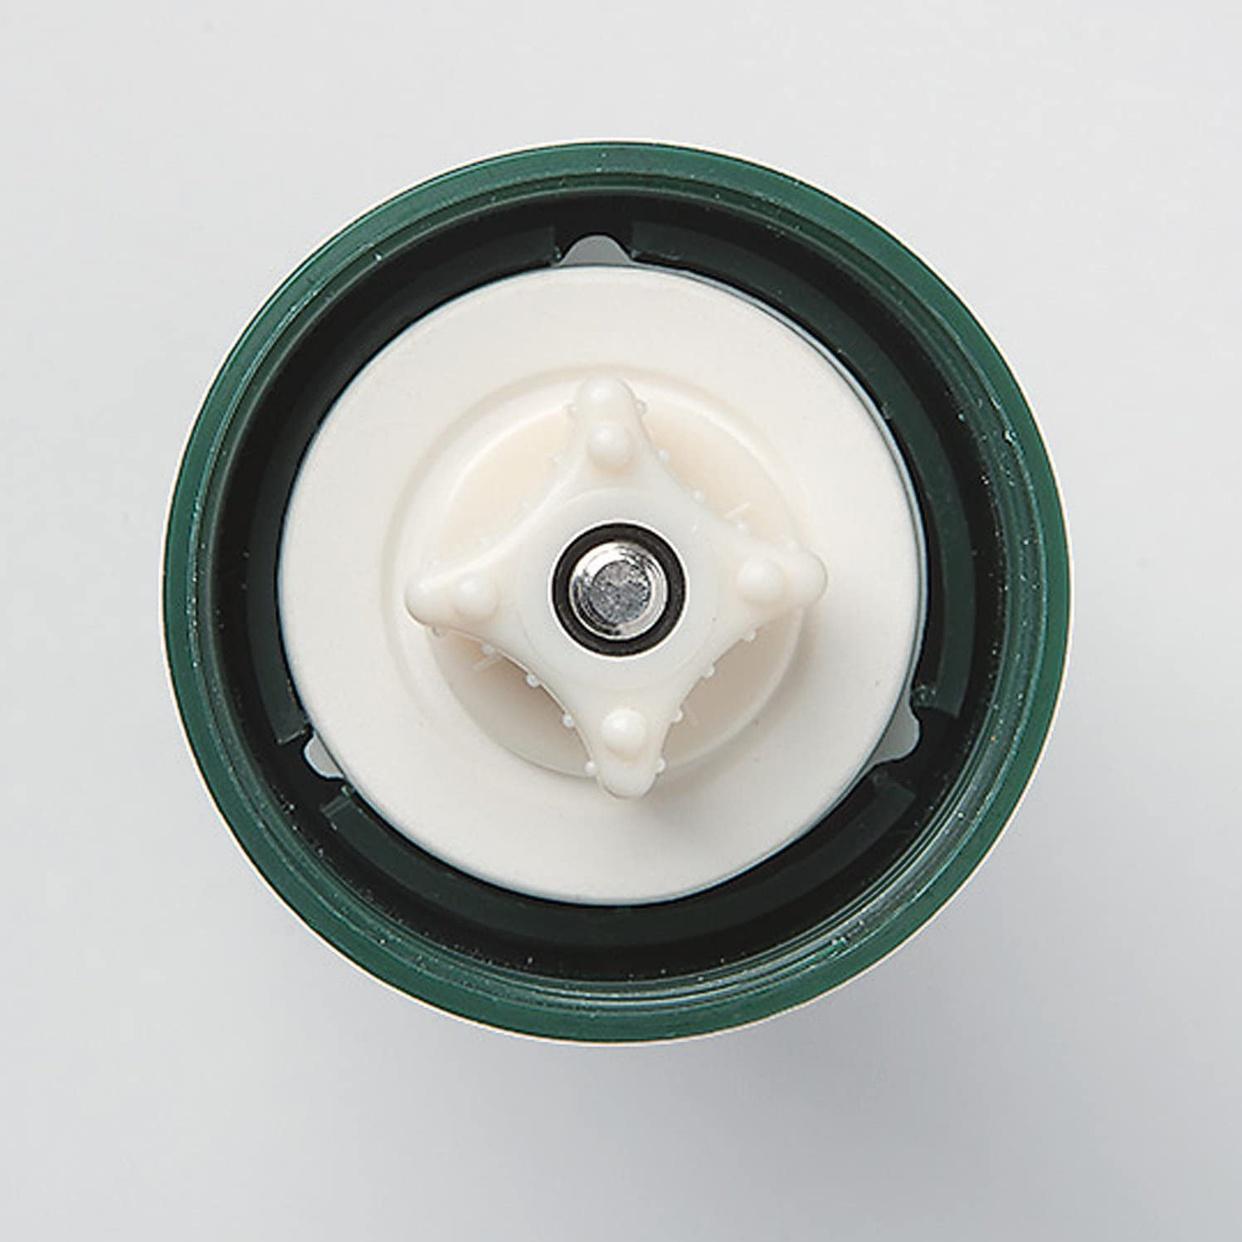 川﨑合成樹脂(KAWASAKI PLASTICS) MILLUセラミックお茶ミル MI-001の商品画像6